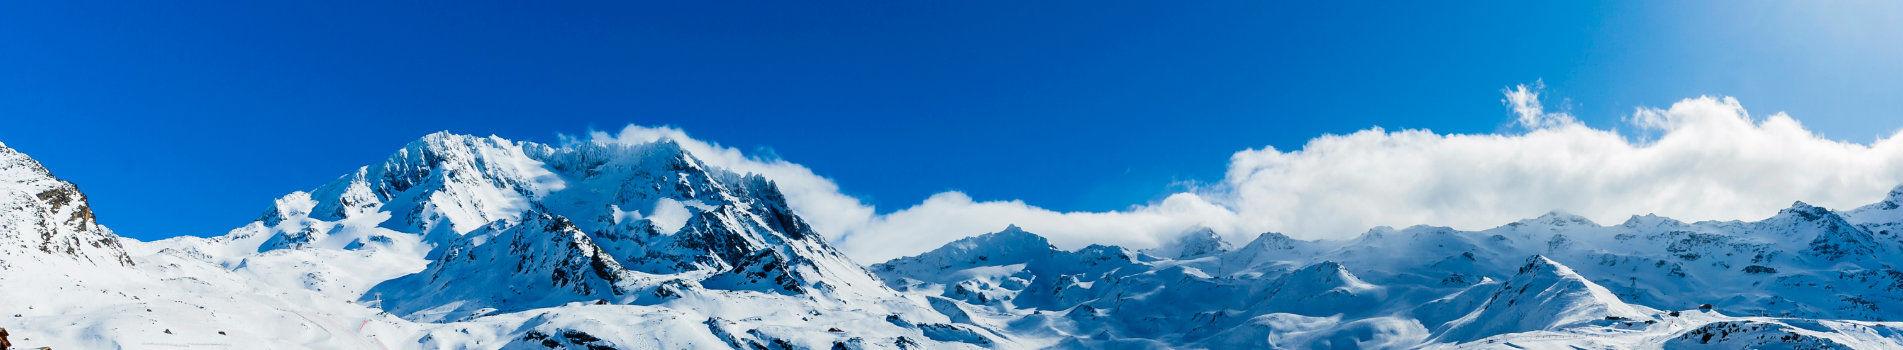 Domaine des 3 vallées, Val Thorens